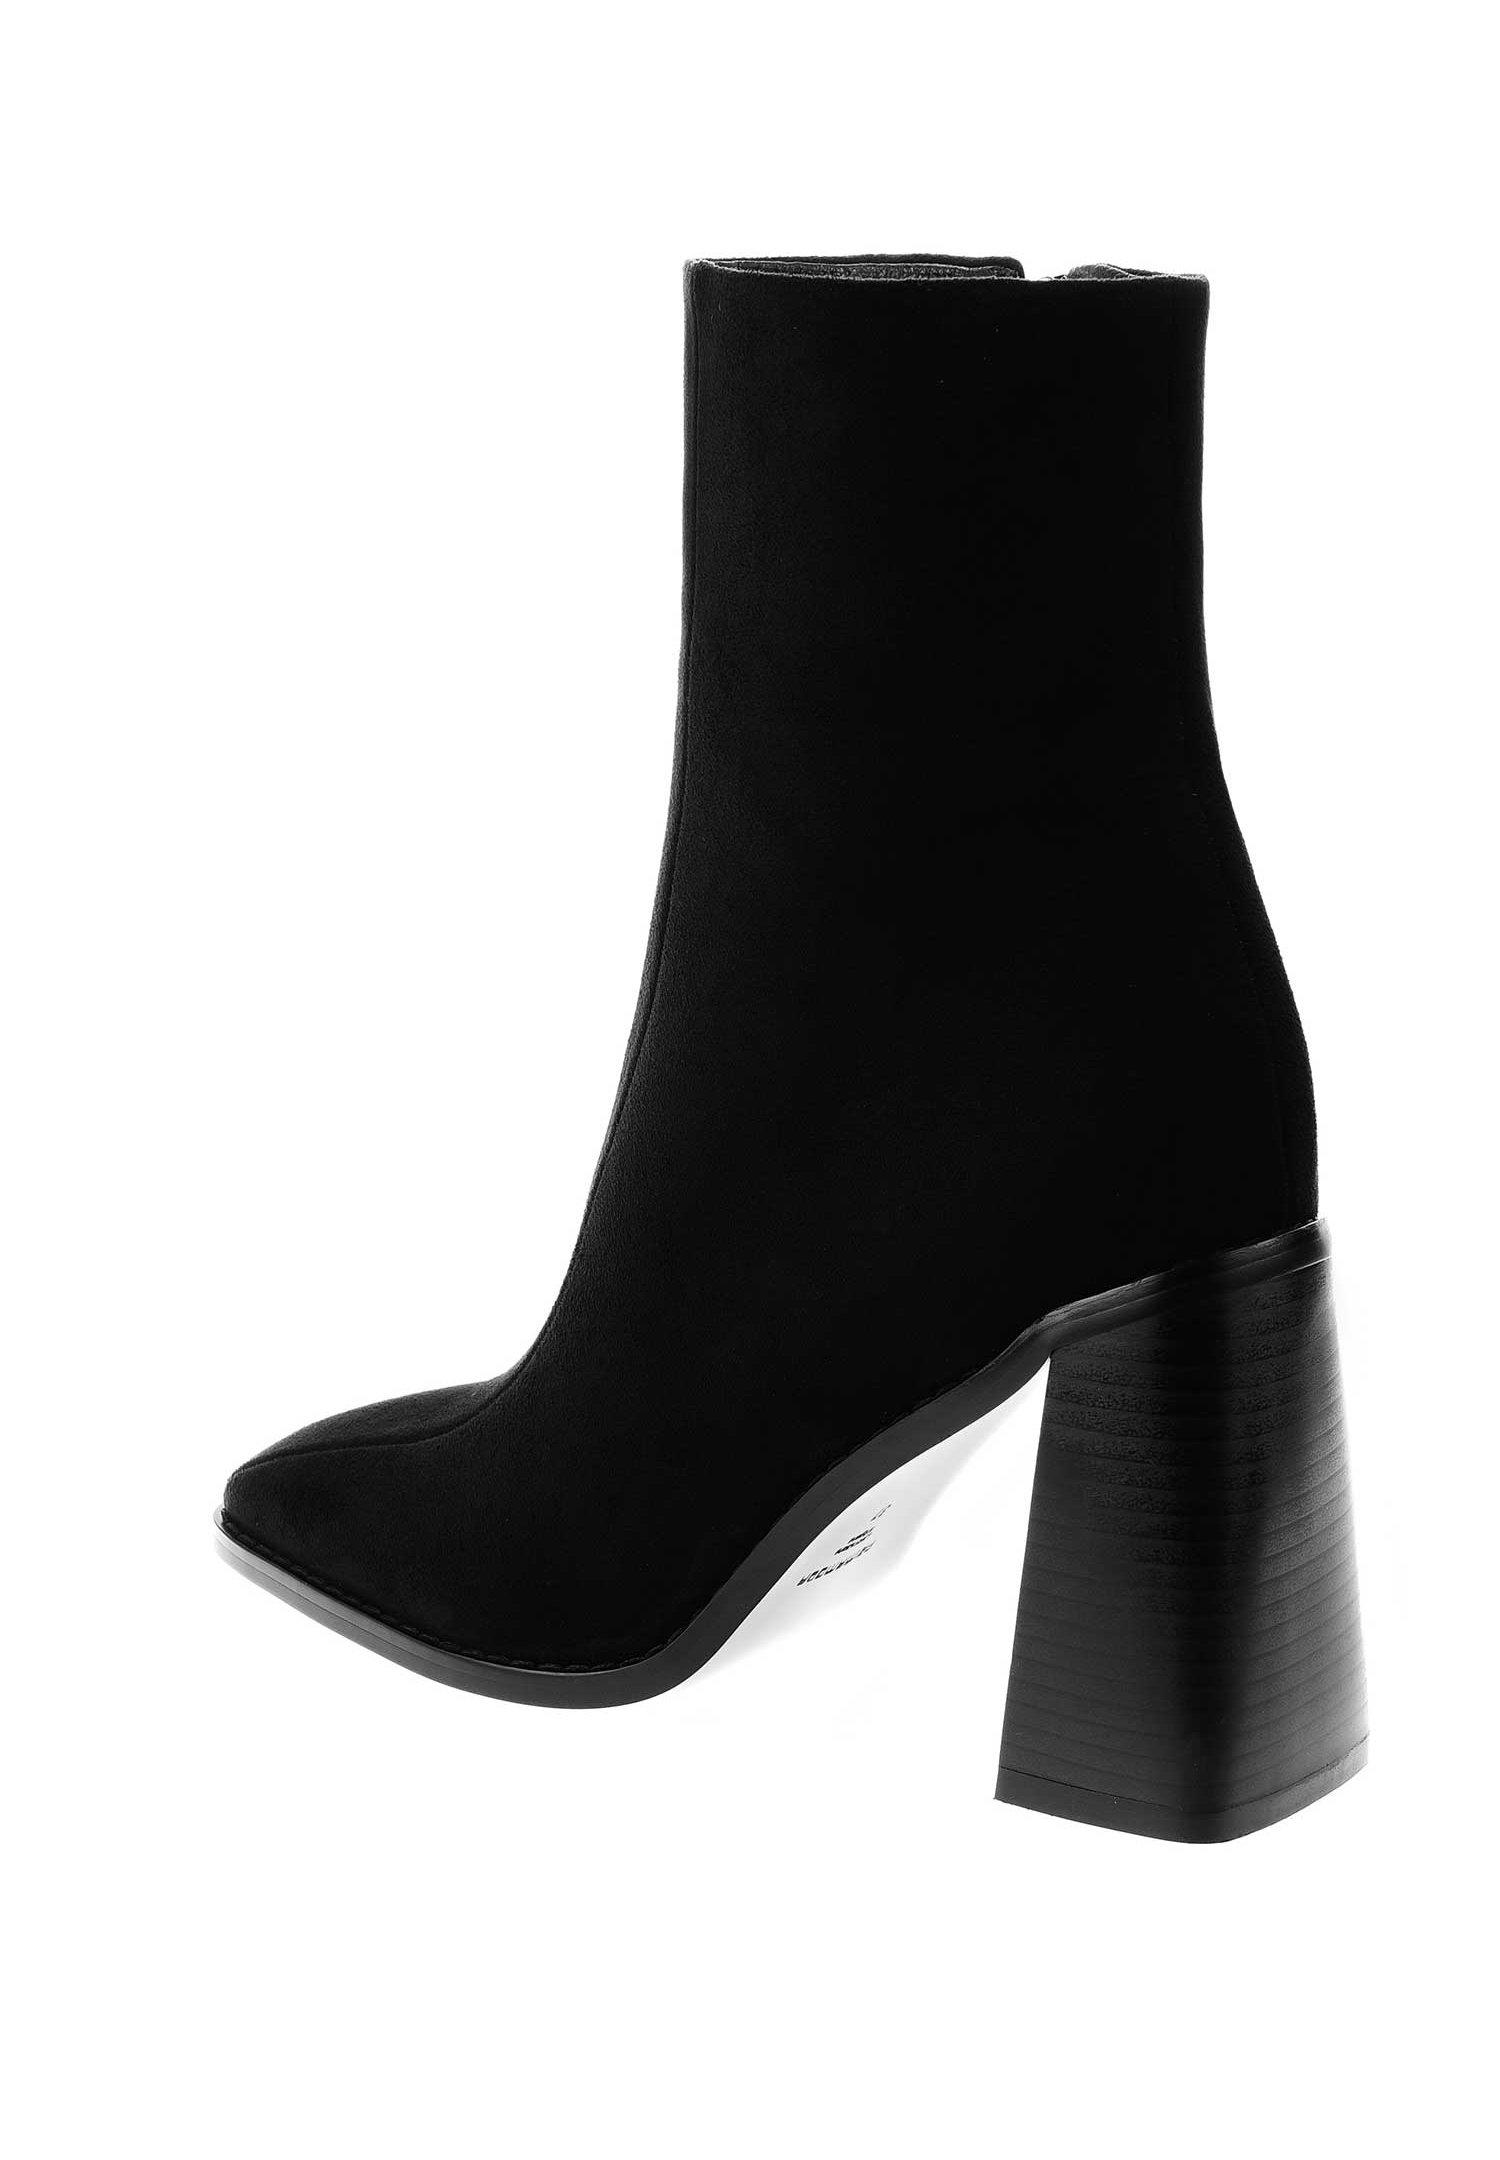 PRIMA MODA GAIOLE  High Heel Stiefelette czarny/schwarz